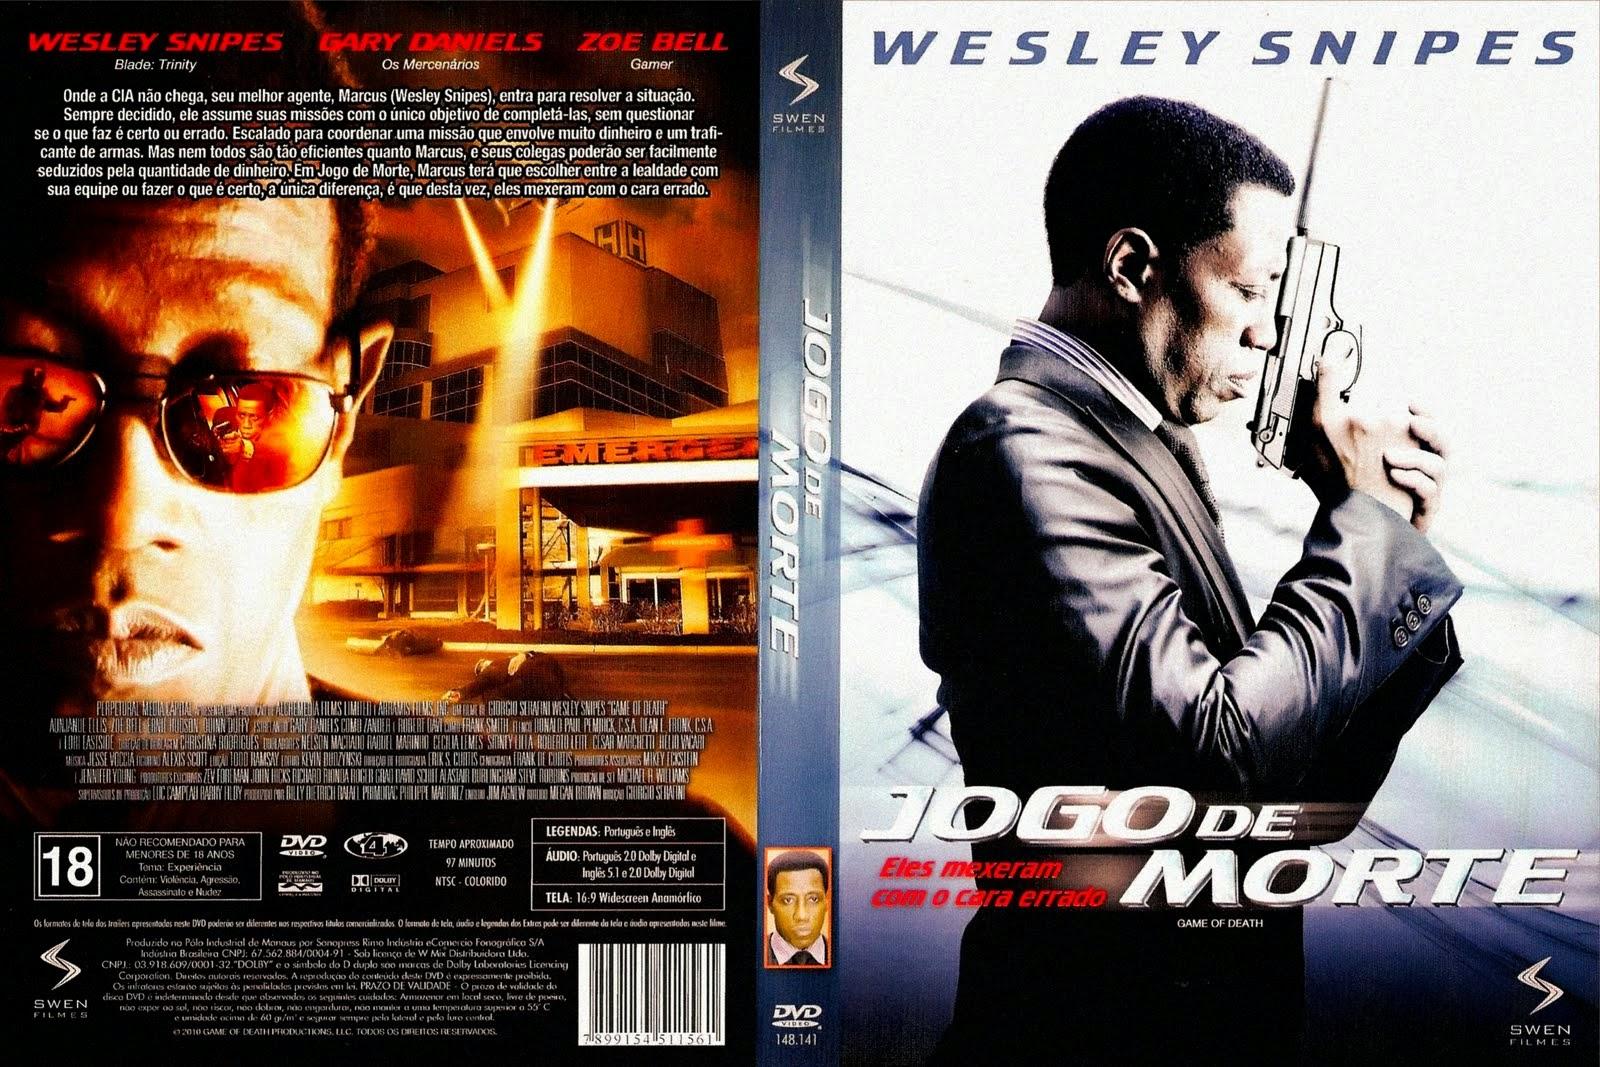 Filme Jogo De Morte DVD Capa